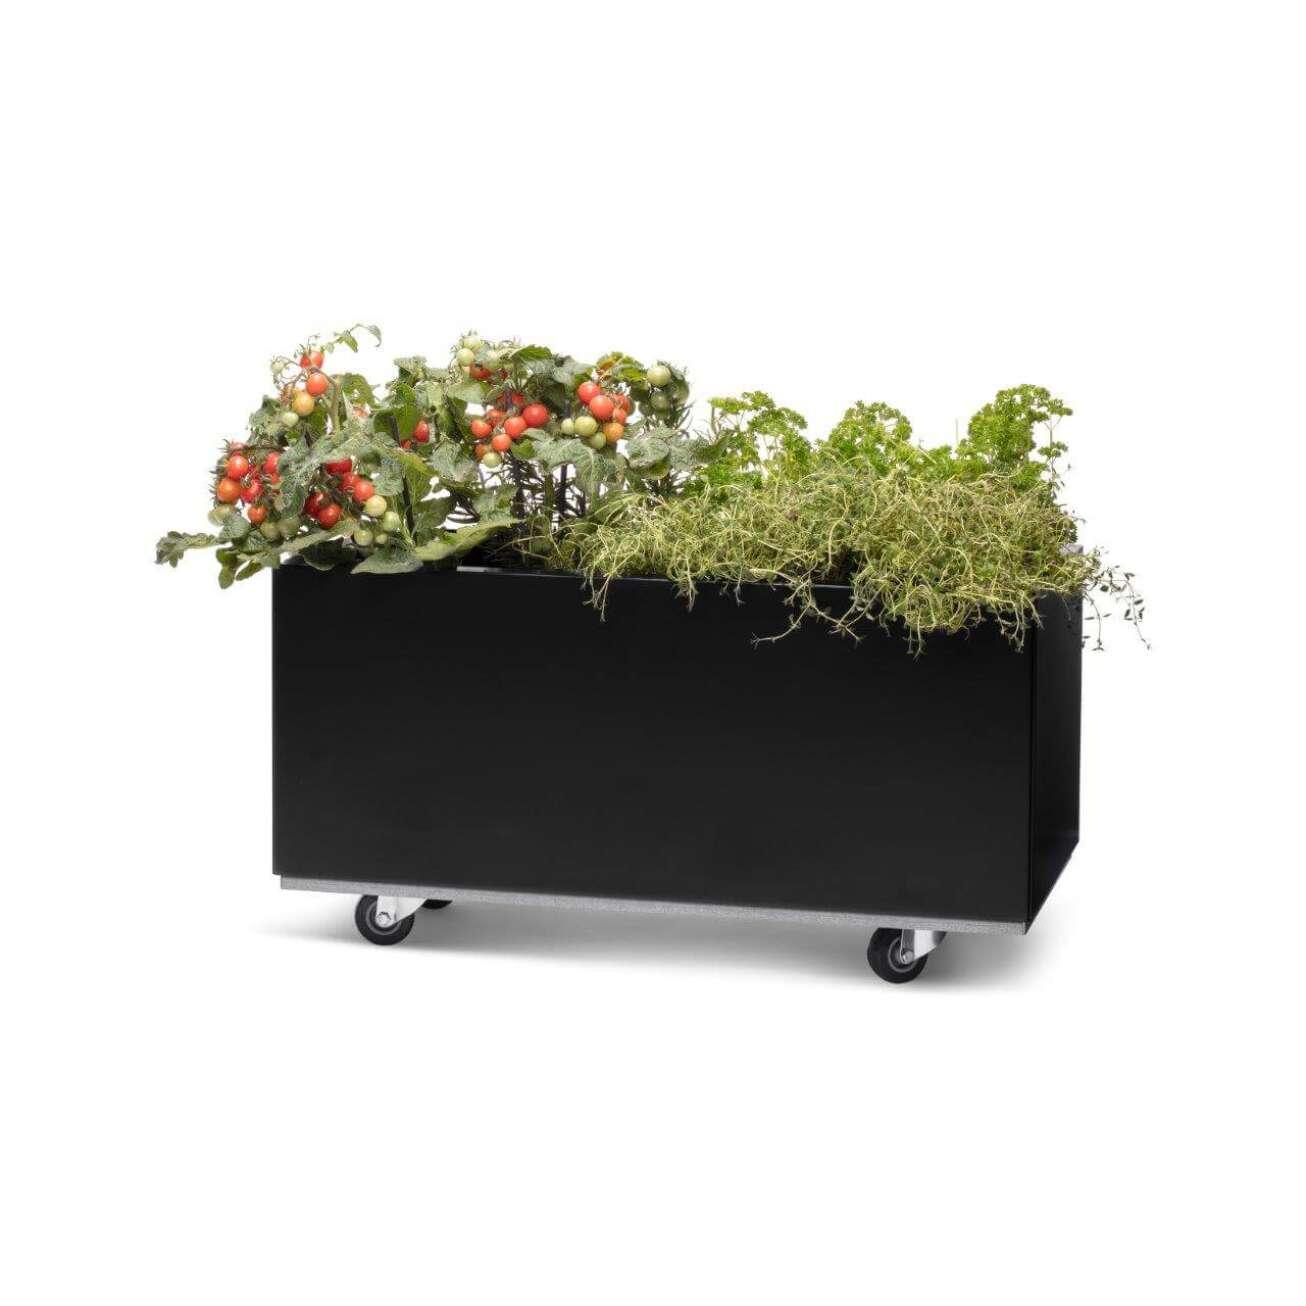 Sort blomsterkasse med beplantet tomatplante og urter